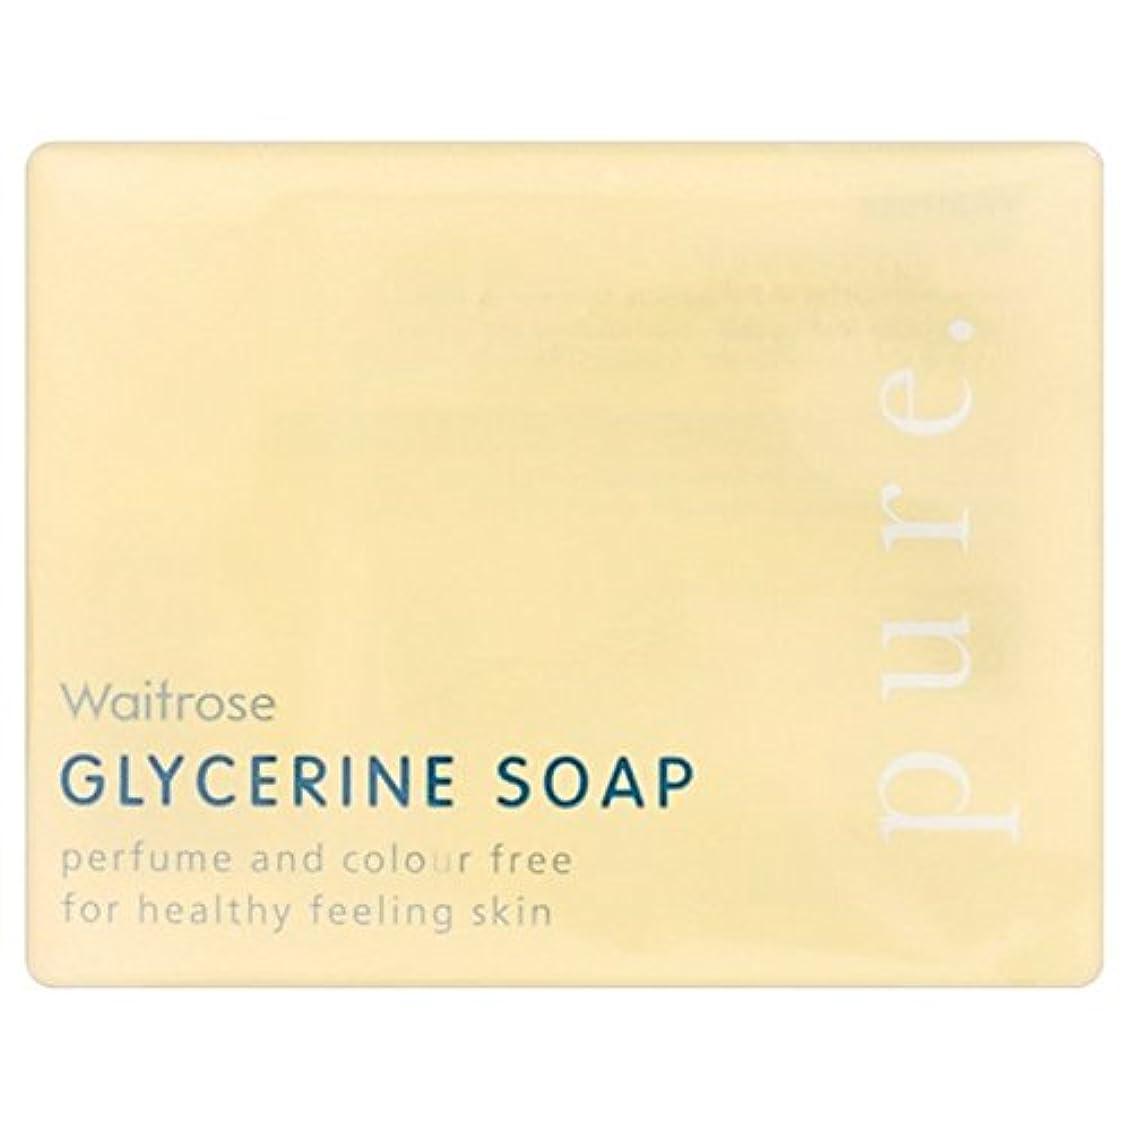 認知悲しいことにに応じて純粋なグリセリンソープウェイトローズの100グラム x2 - Pure Glycerine Soap Waitrose 100g (Pack of 2) [並行輸入品]